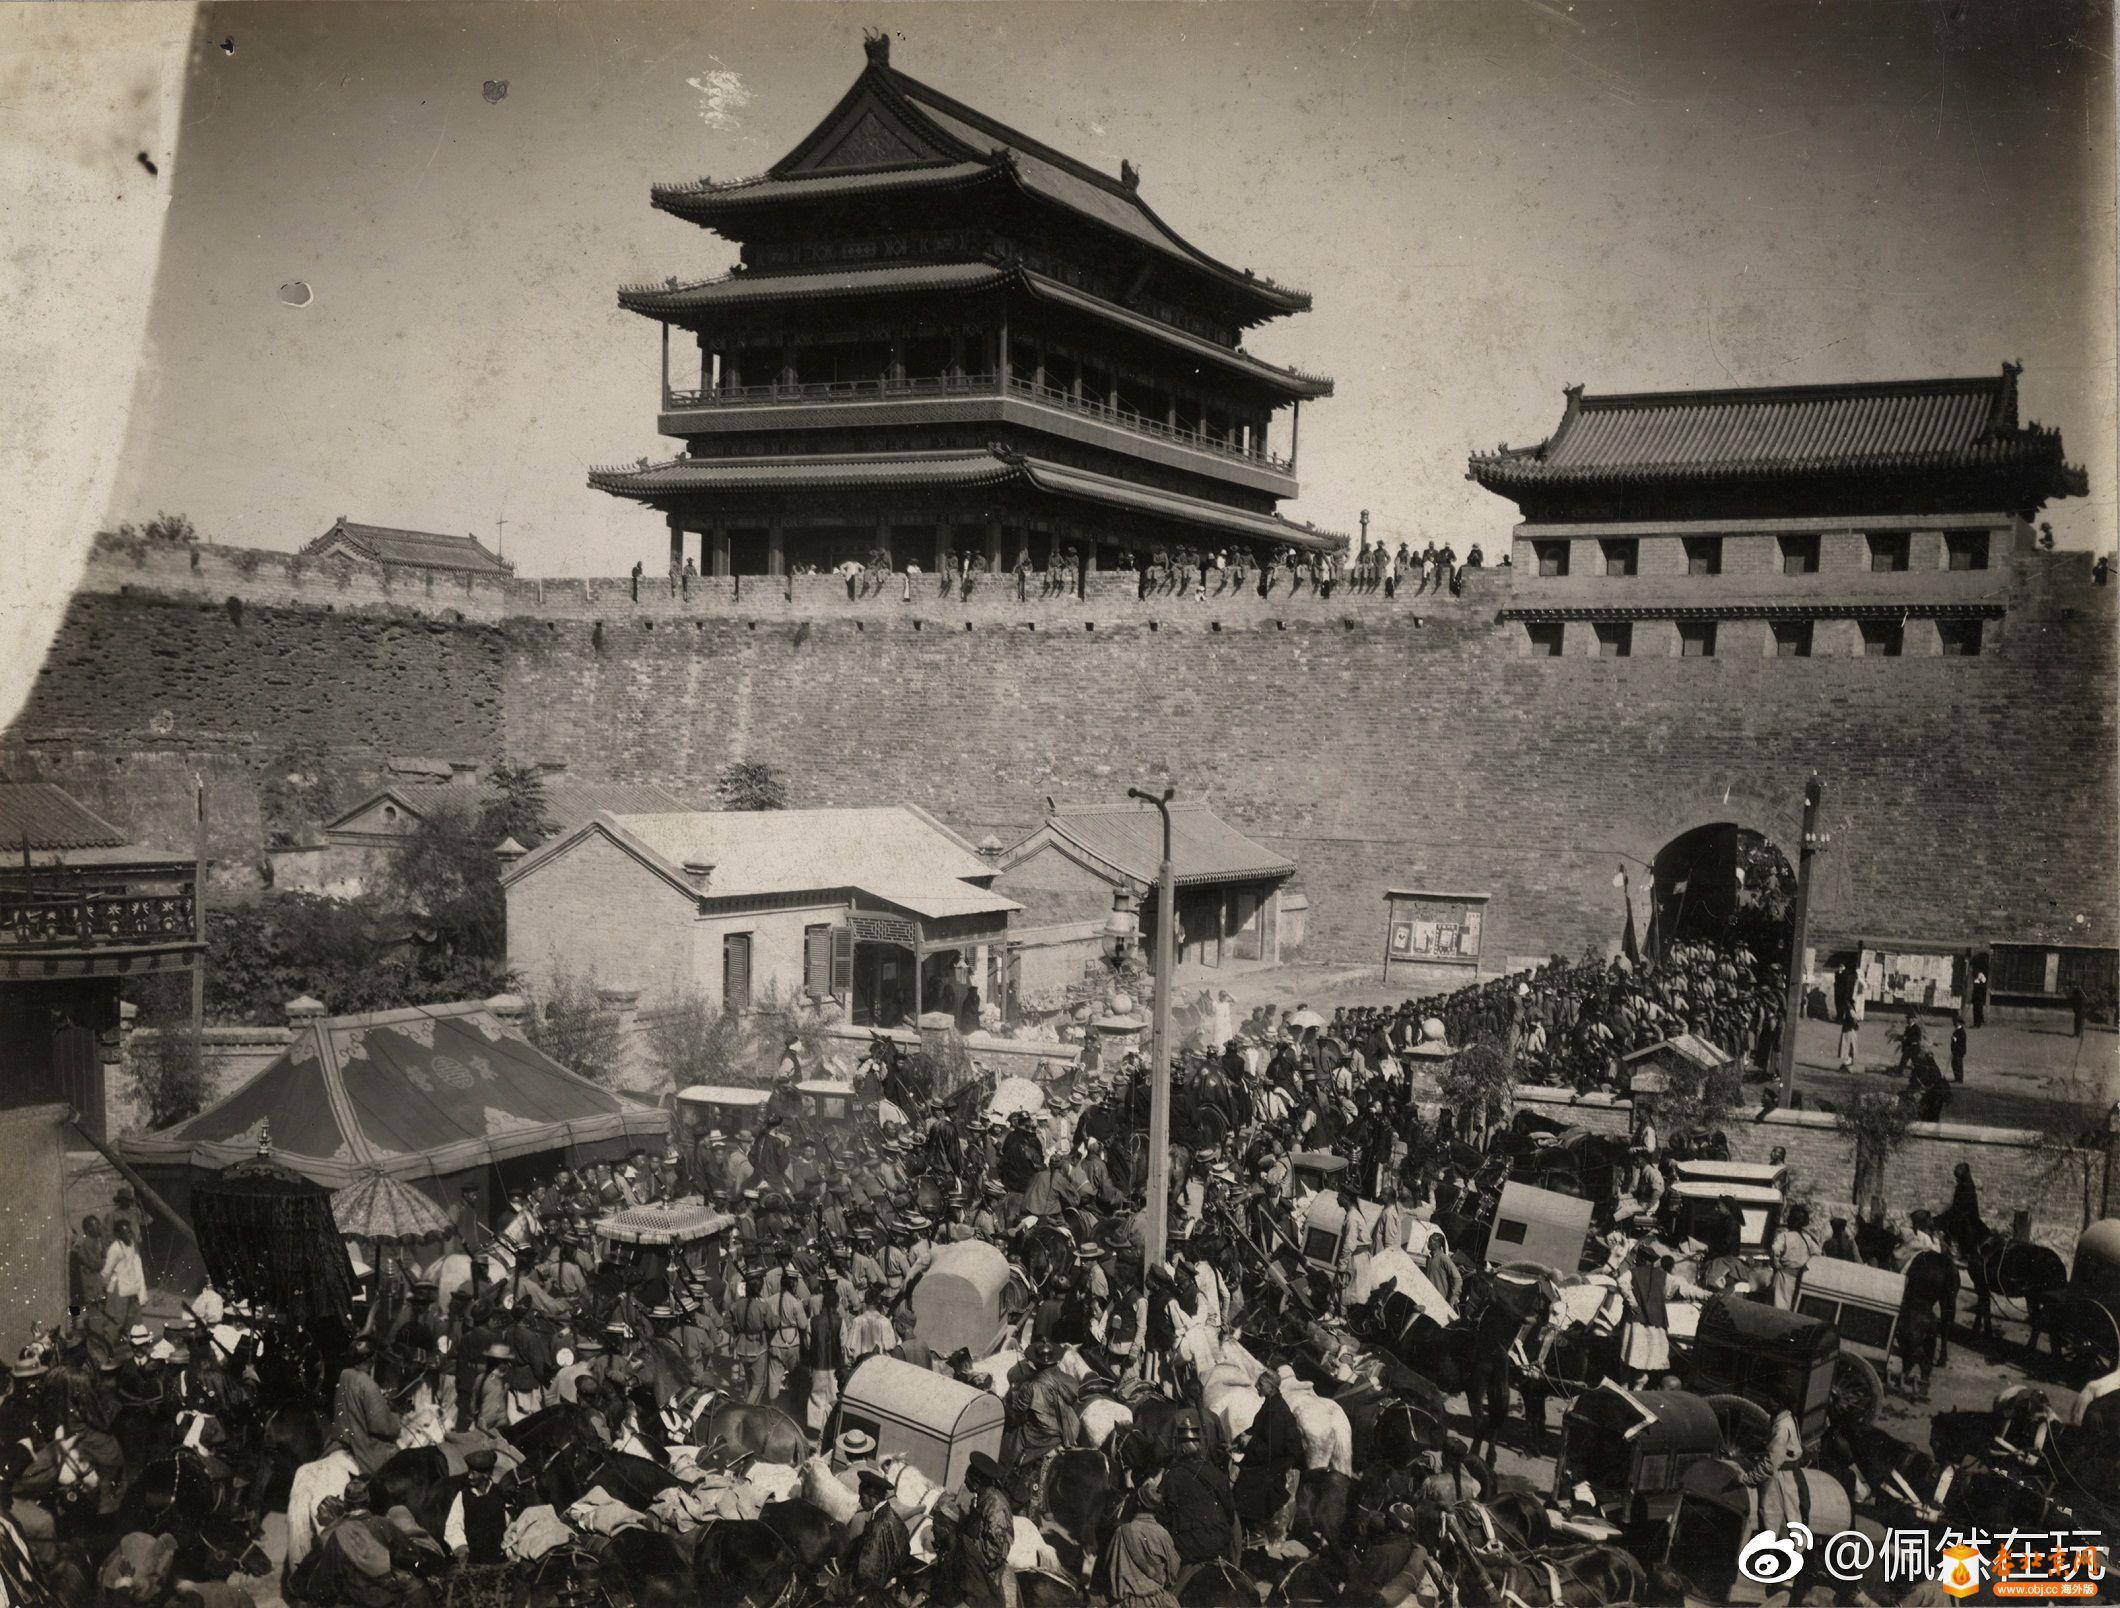 202.达赖喇嘛进京-02             (1908.09.28.) - 副本.jpg